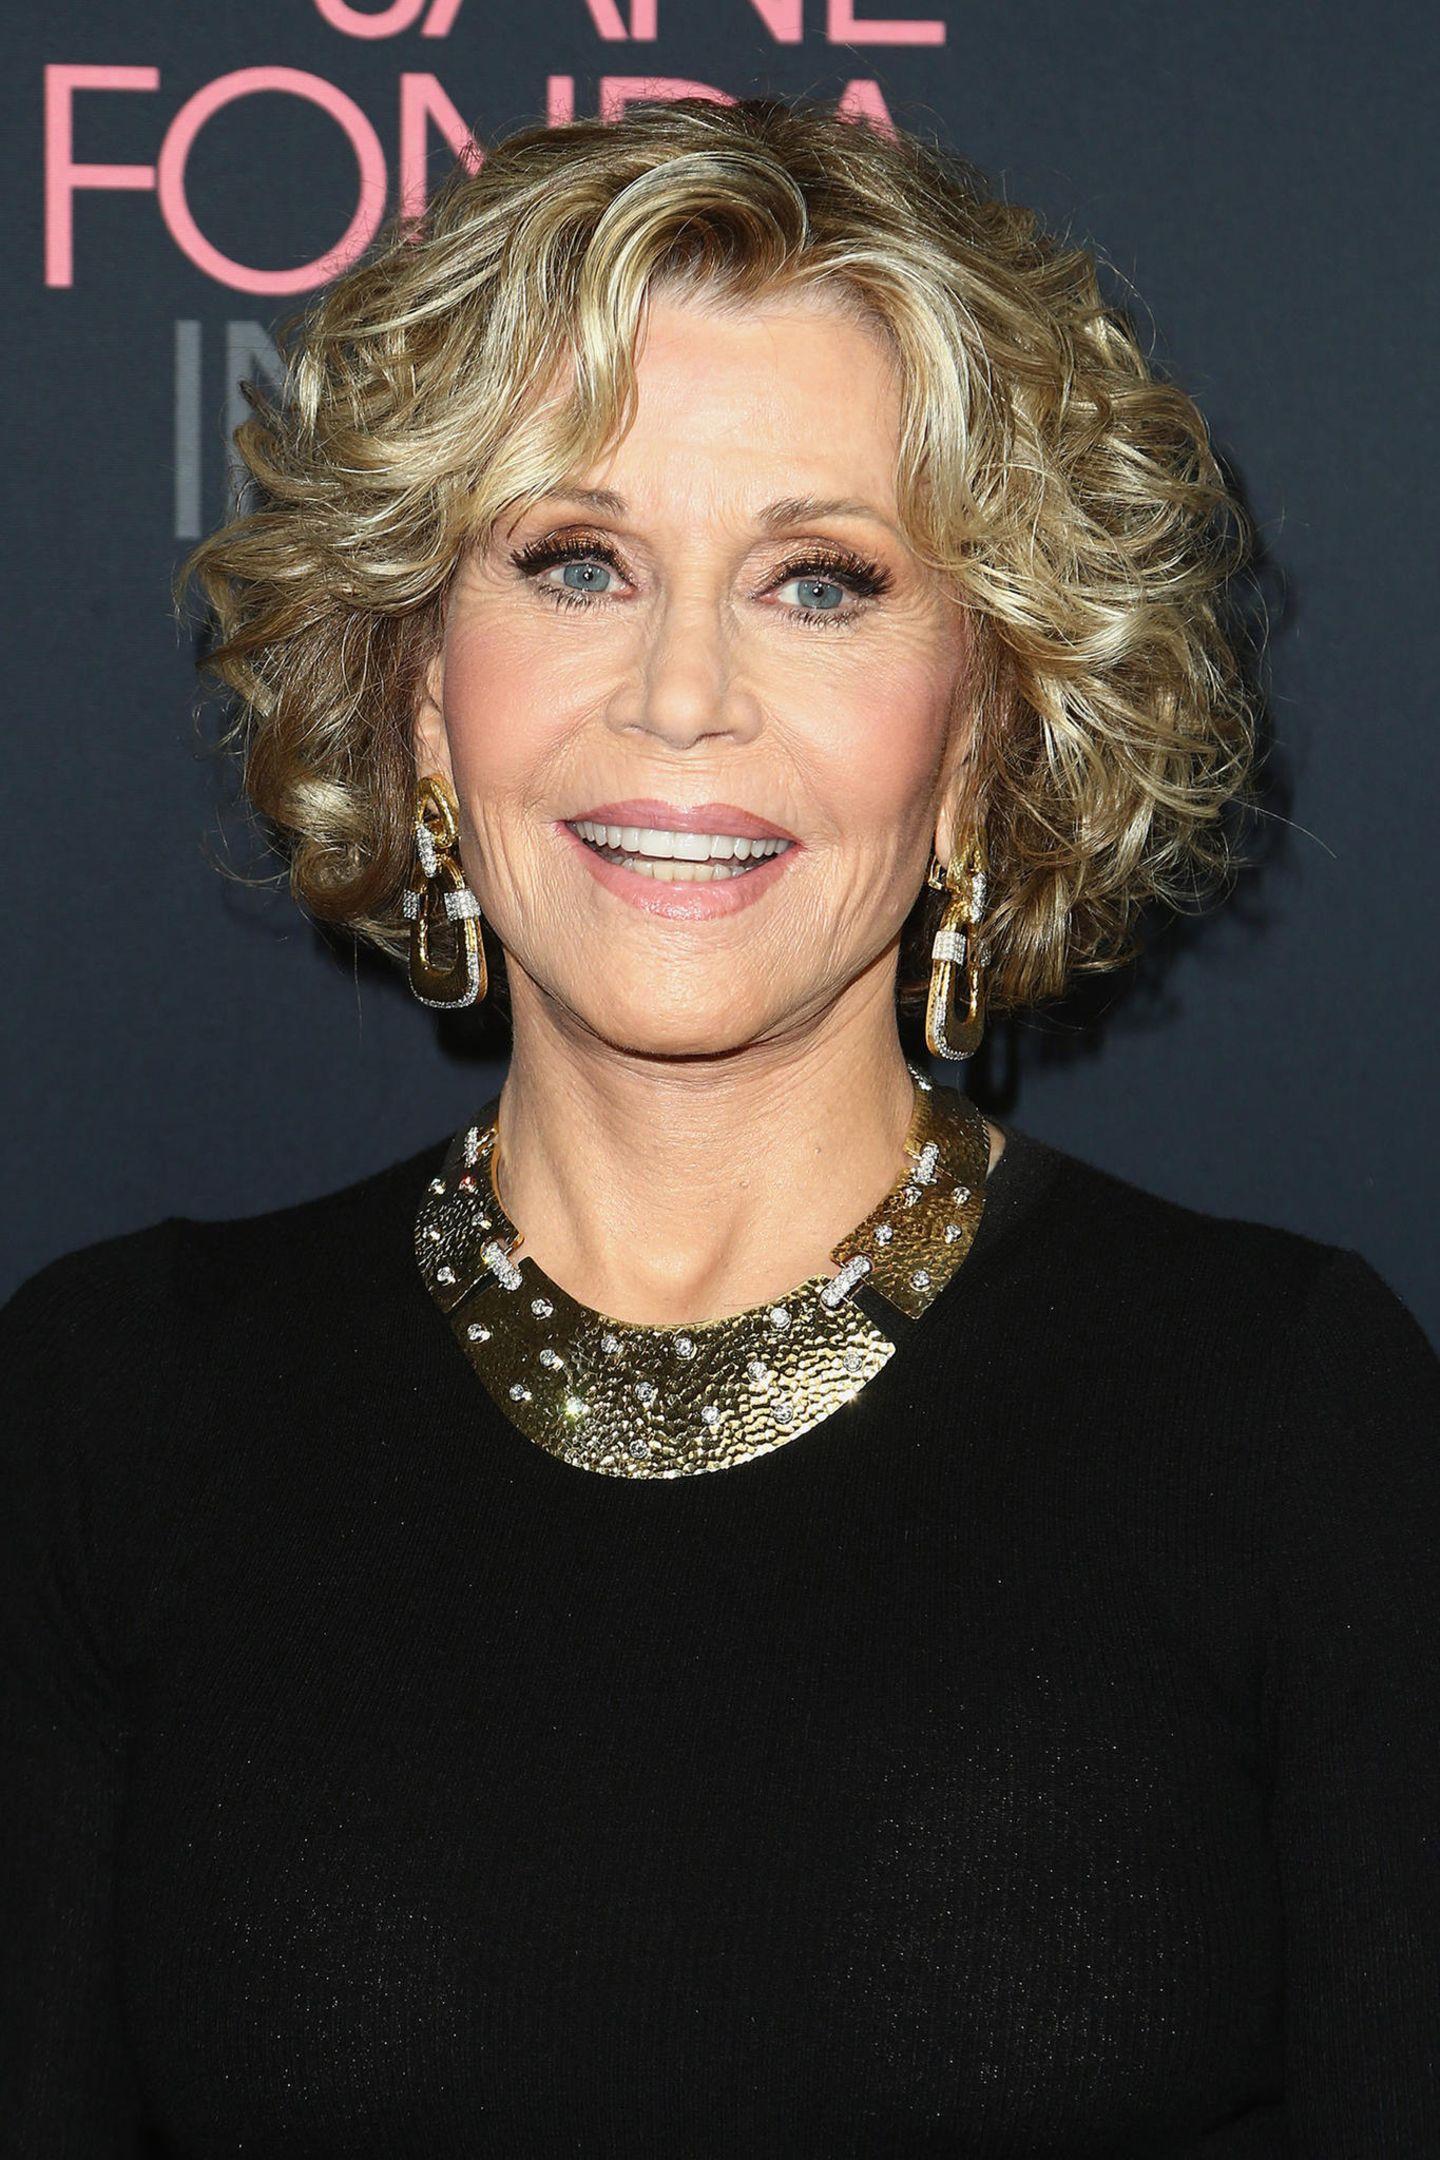 """Kaum zu glauben, dass Jane Fonda bereits 80 Jahre alt ist. Hier und da mögen neben lebenslanger Fitness wohl kleinere Eingriffe vom Beauty-Doc den Alterungsprozess verlangsamt haben, ihre tolle Ausstrahlung hat in den Jahren aber nichts eingebüßt. Jetzt feierte sie gerade in L.A. die Premiere ihres eigenen Dokumentarfilms """"Jane Fonda In Fünf Akten"""", und wir sind gespannt auf weitere."""